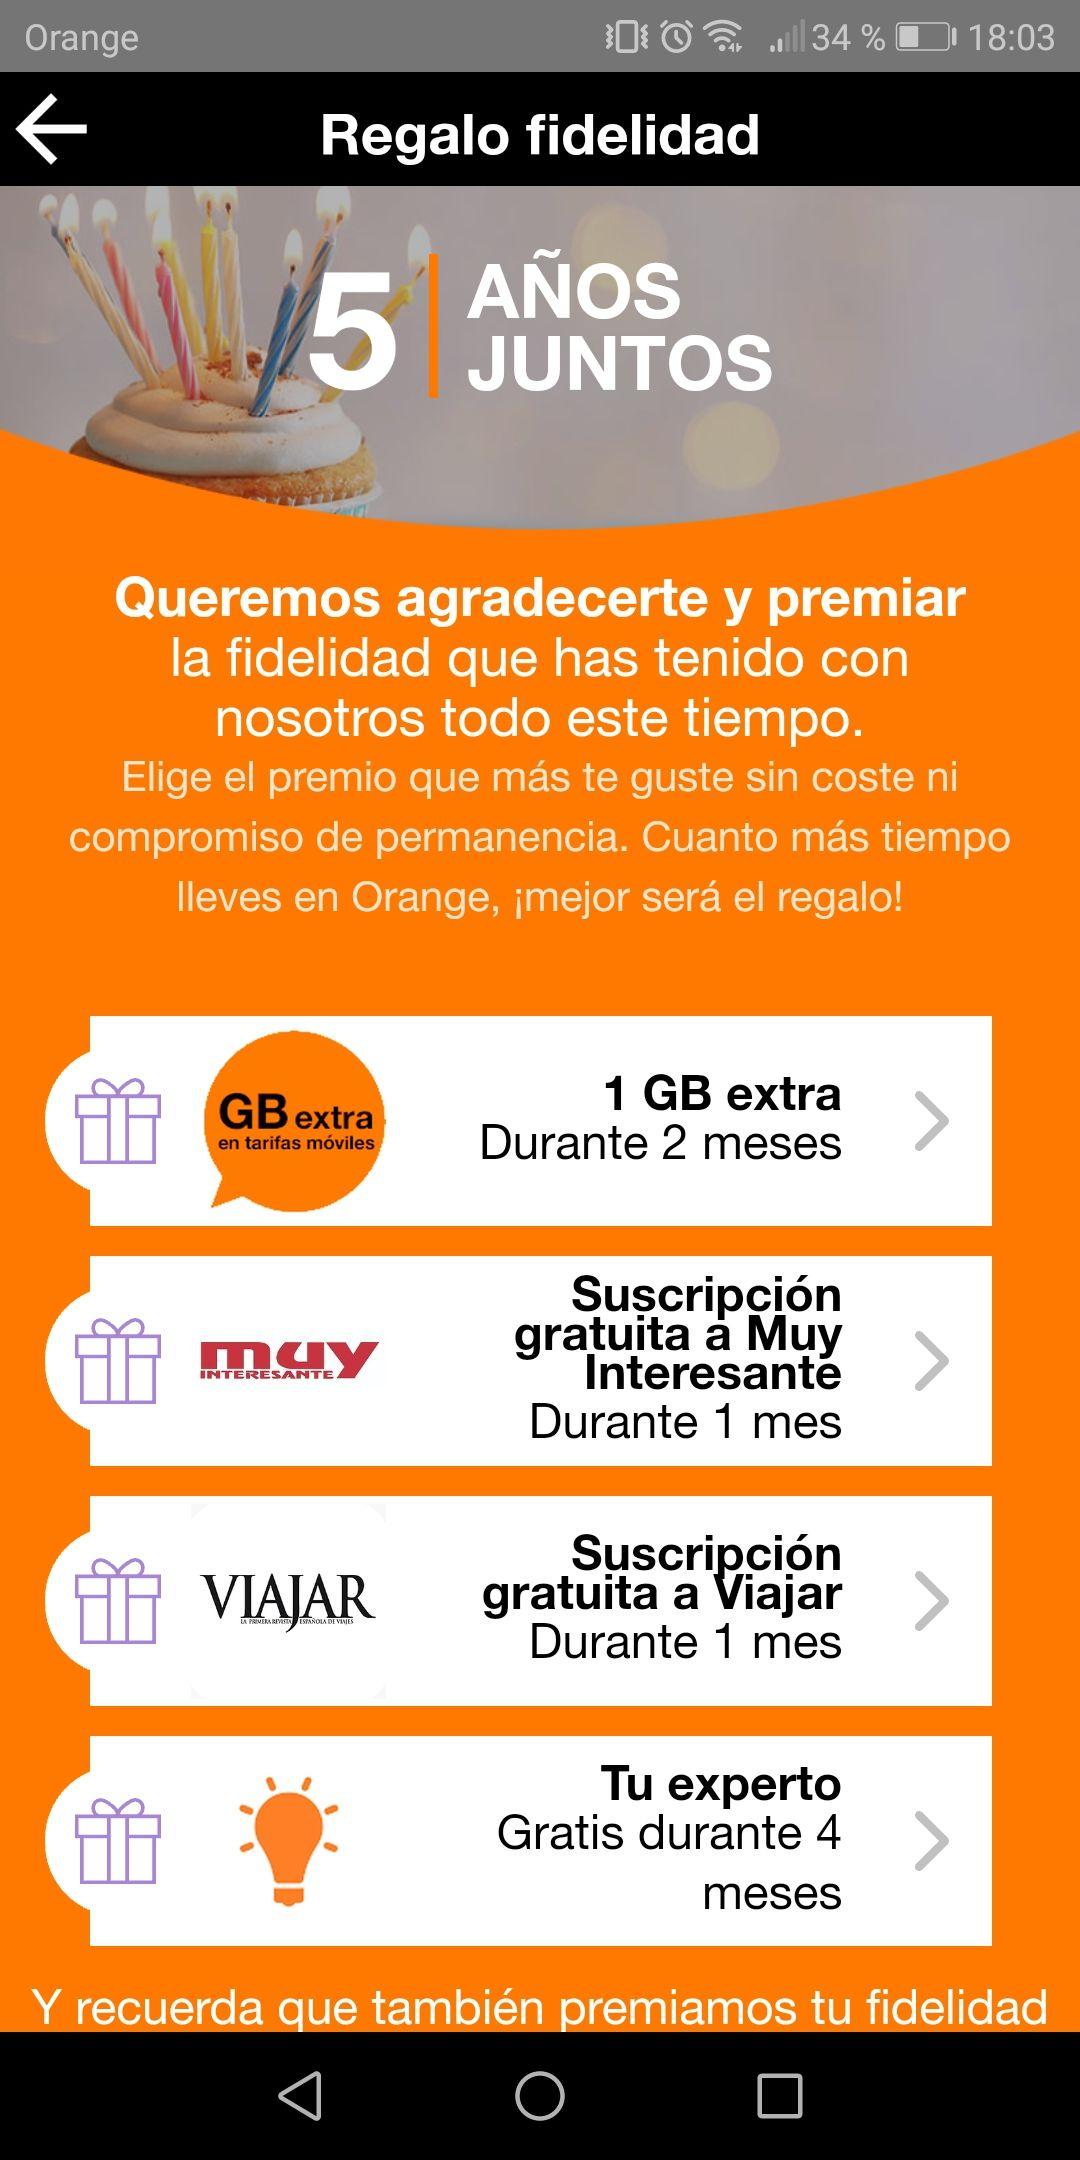 Regalan en Orange 1gb gratis.solo por ser de Orange. Sólo clientes orange de más de 1año